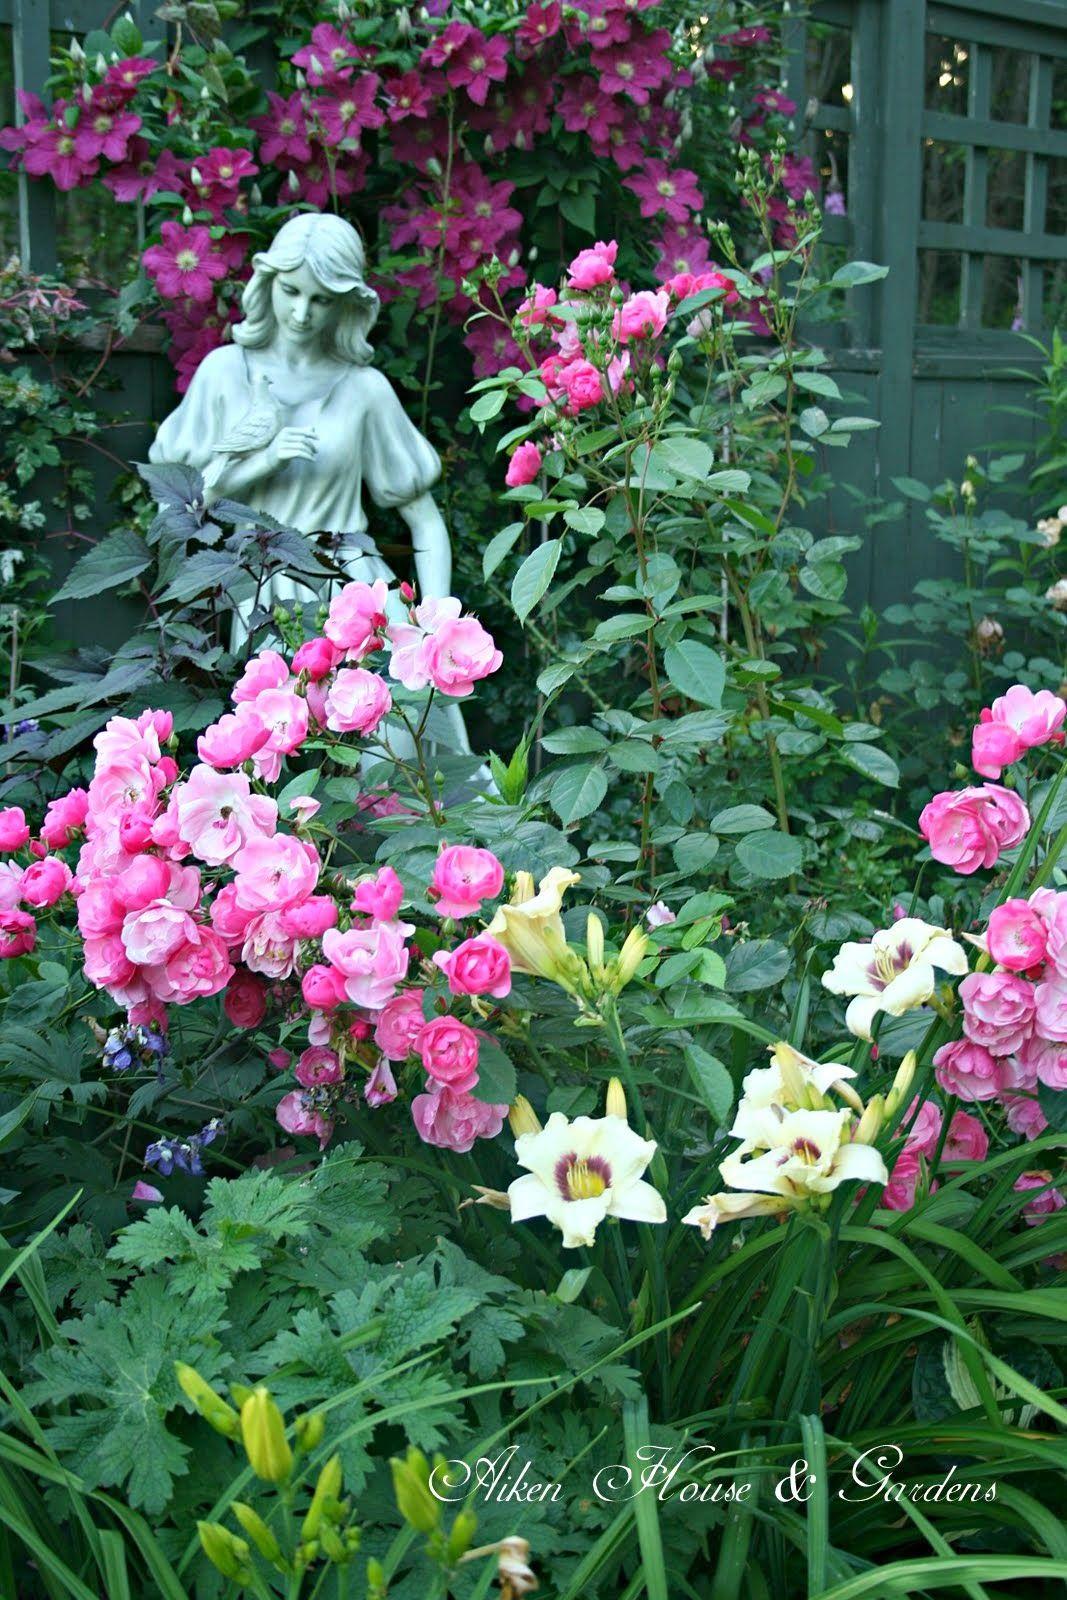 Aiken House & Gardens: Garden Tour Past & Present - roses, lilies…